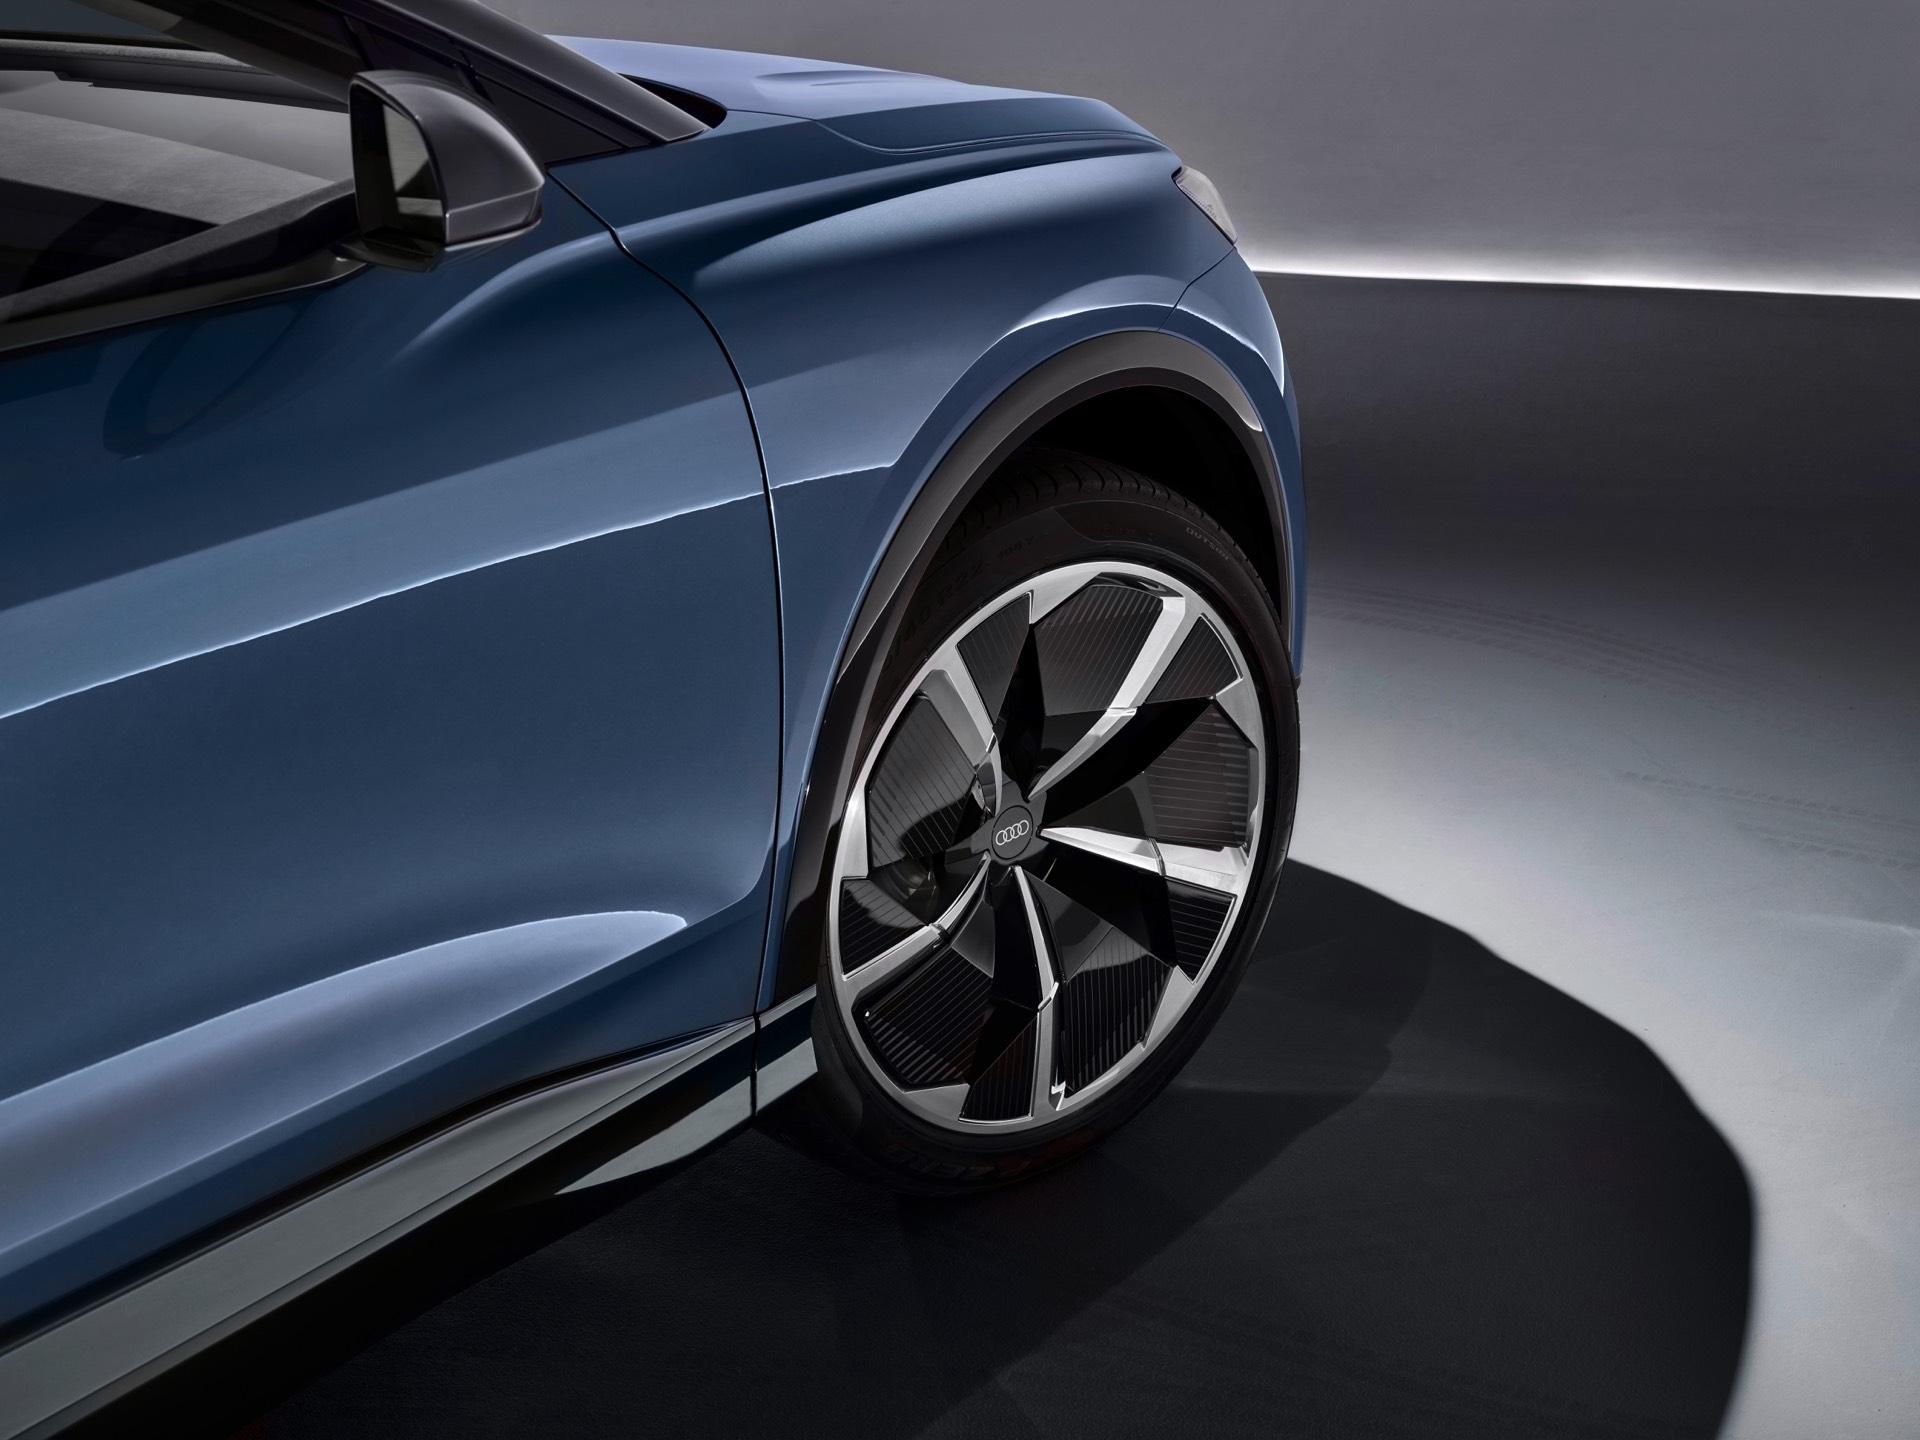 Audi Q4 e-tron Concept Front Wheel